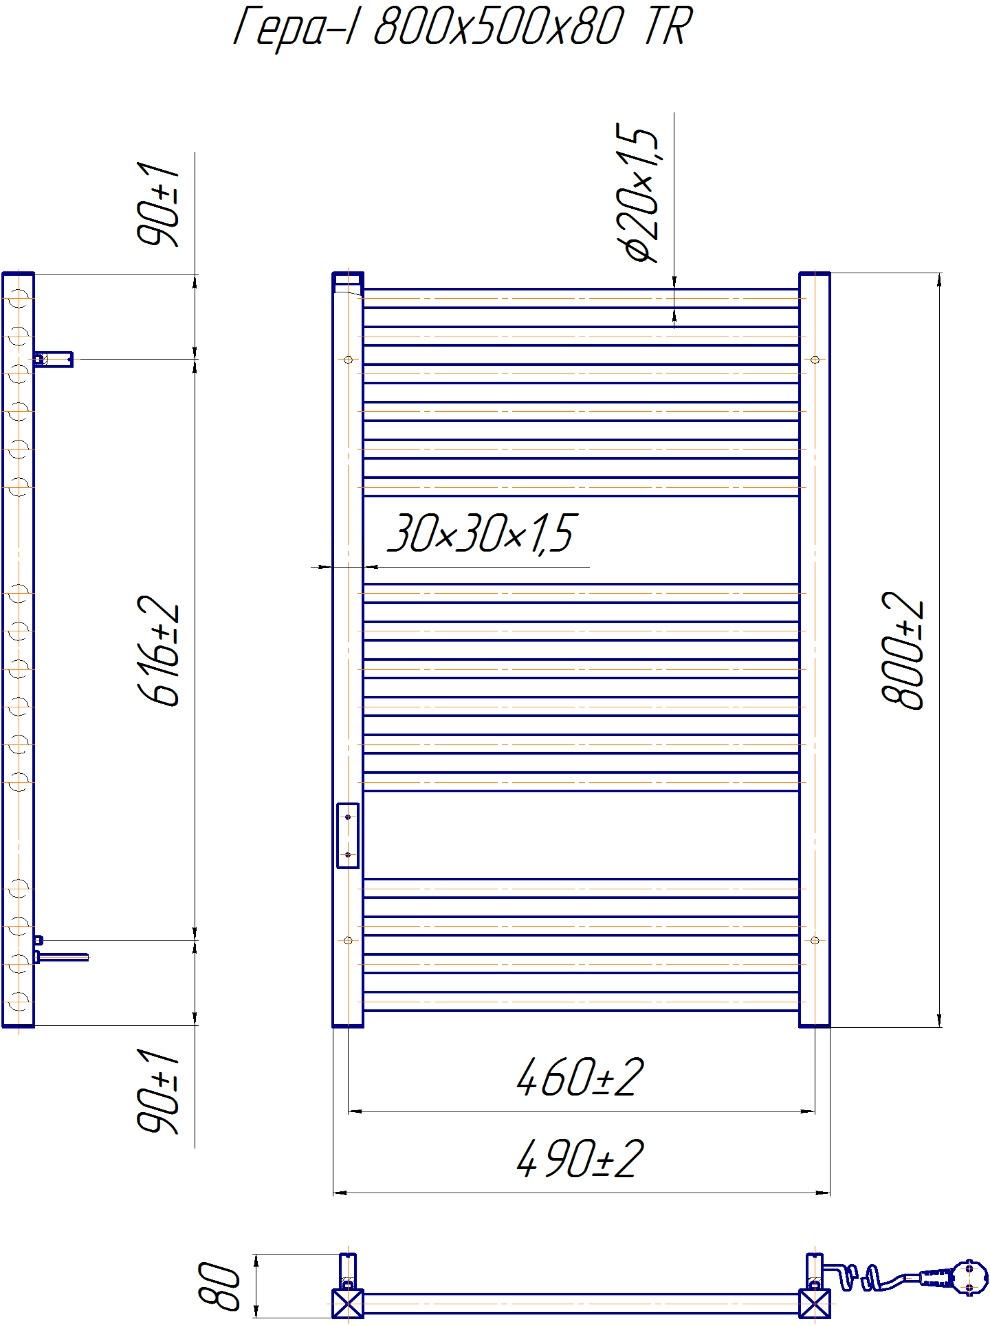 Рушникосушка нержавійка Mario Гера І-800x500/80 TR таймер-регулятор - 5